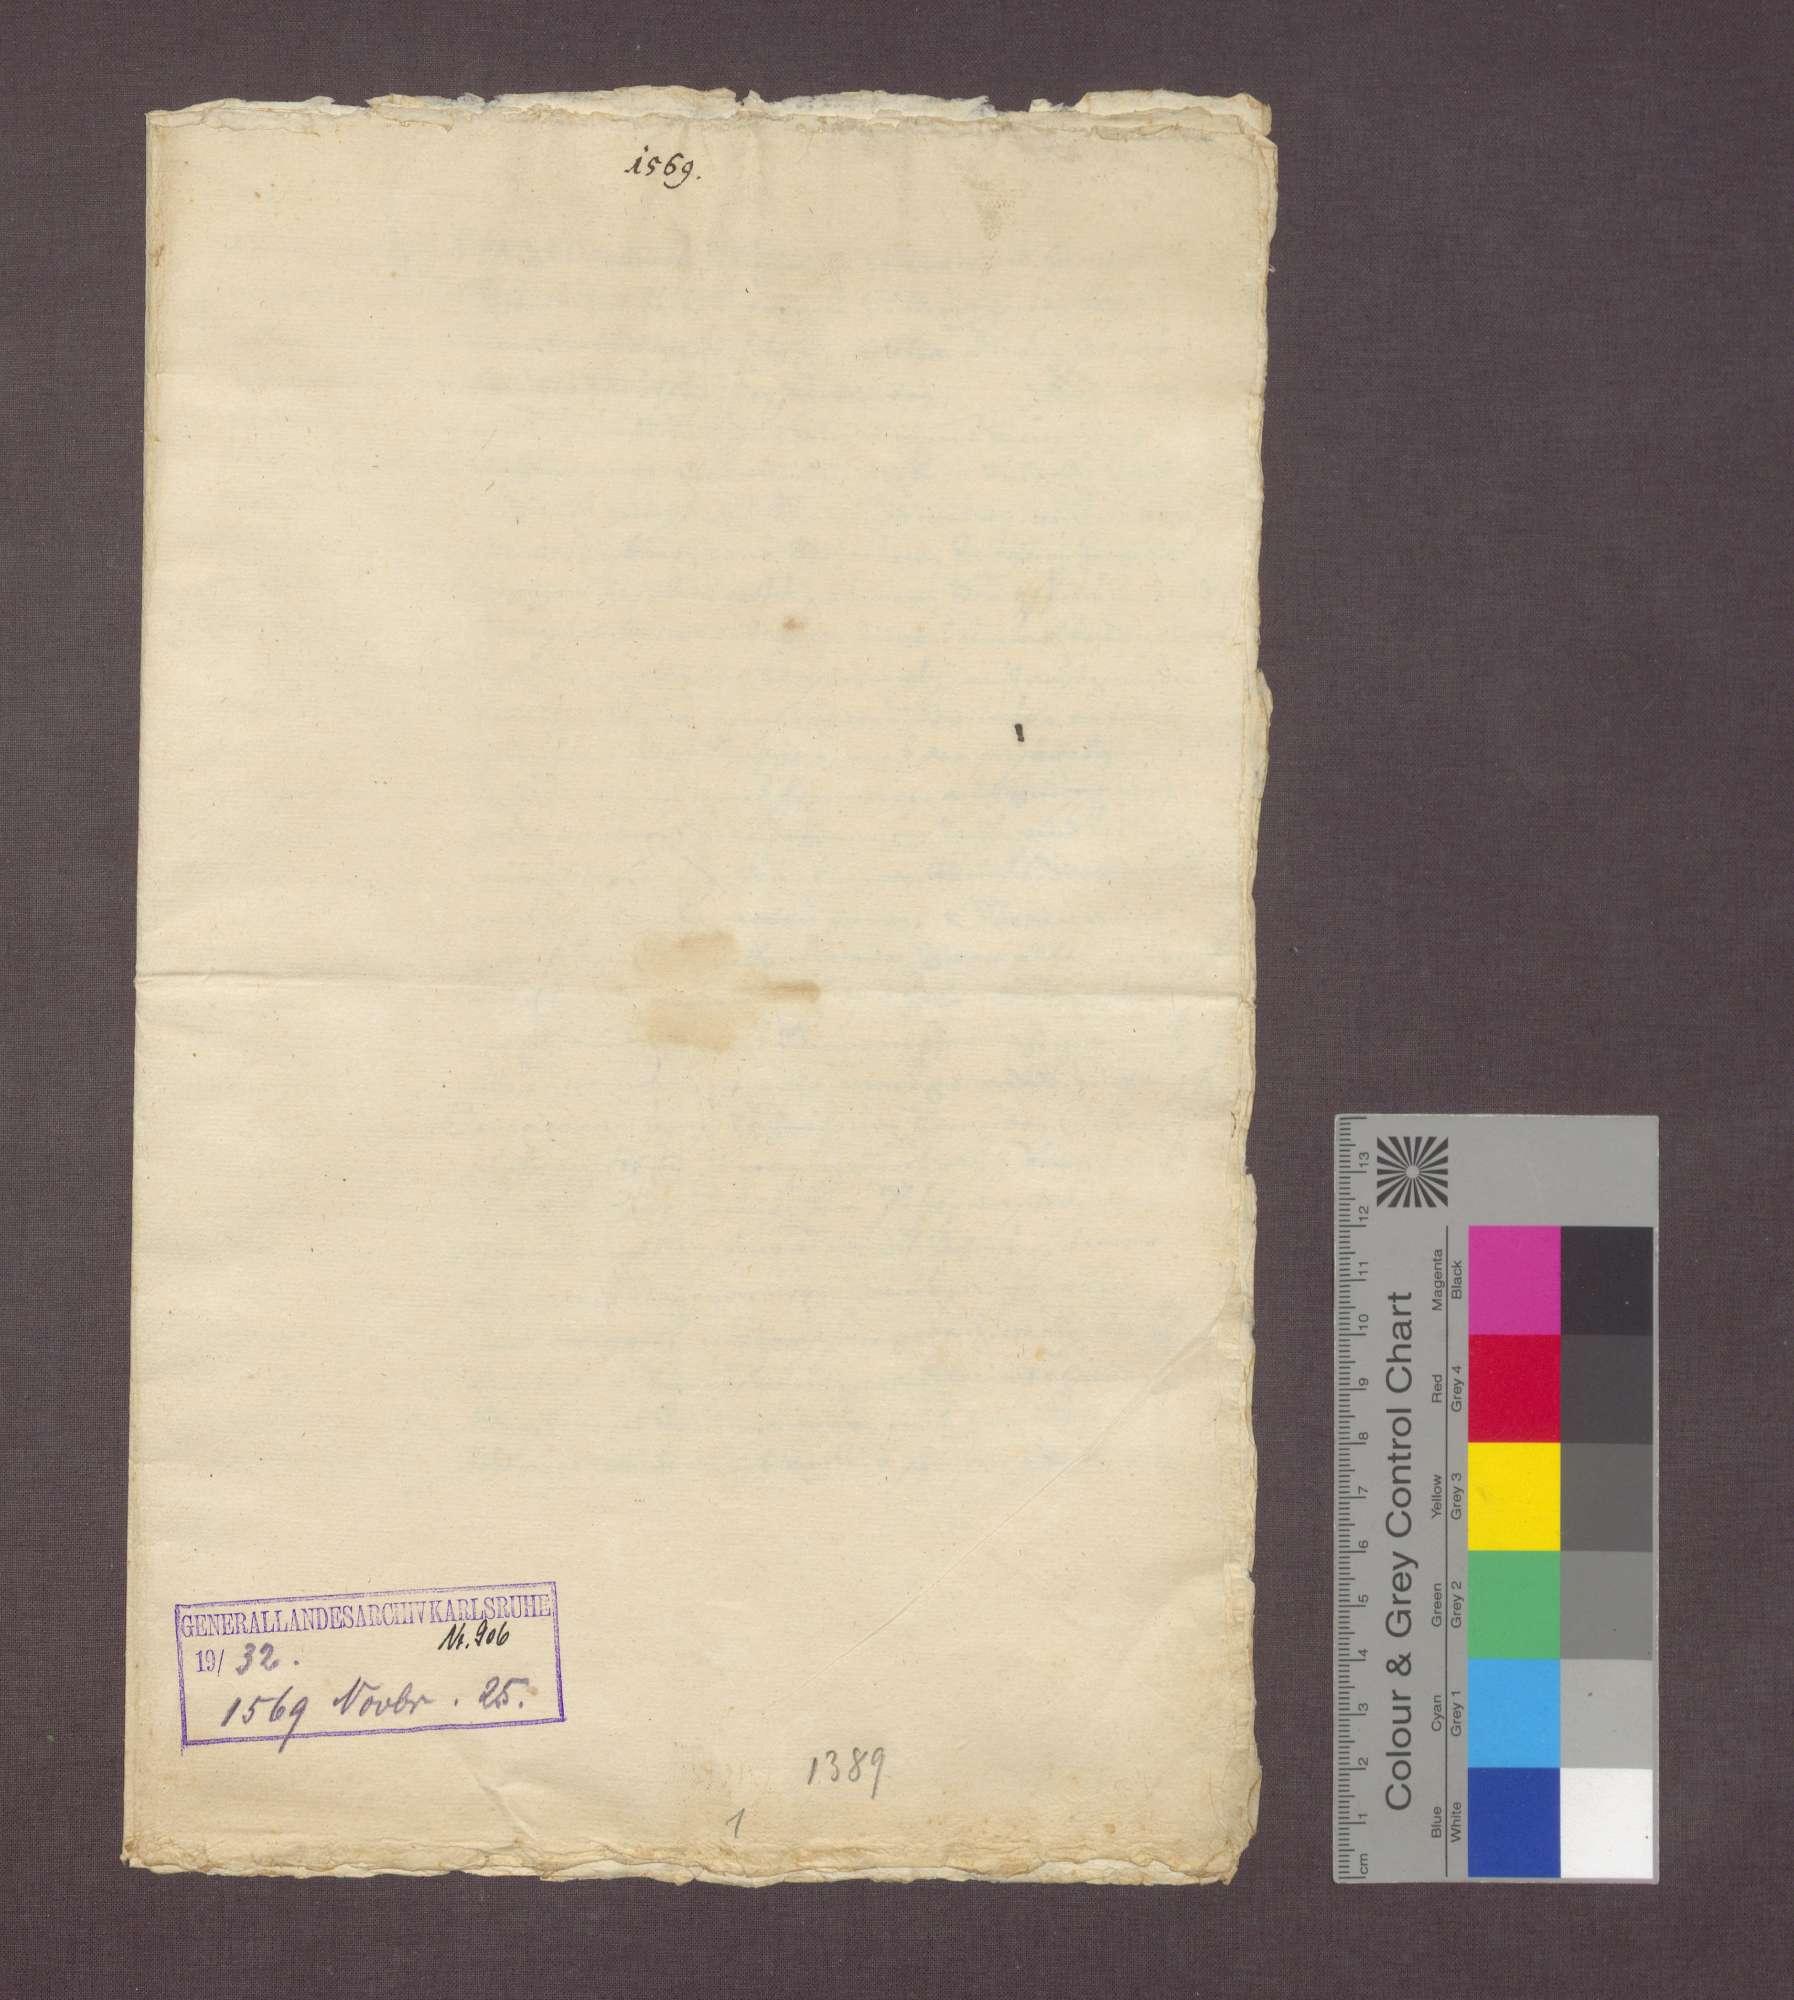 Die Vögte der Elisabeth Joler zu Kirchhofen verkaufen an Paulus Peter einen halben Gras- und Baumgarten., Bild 1